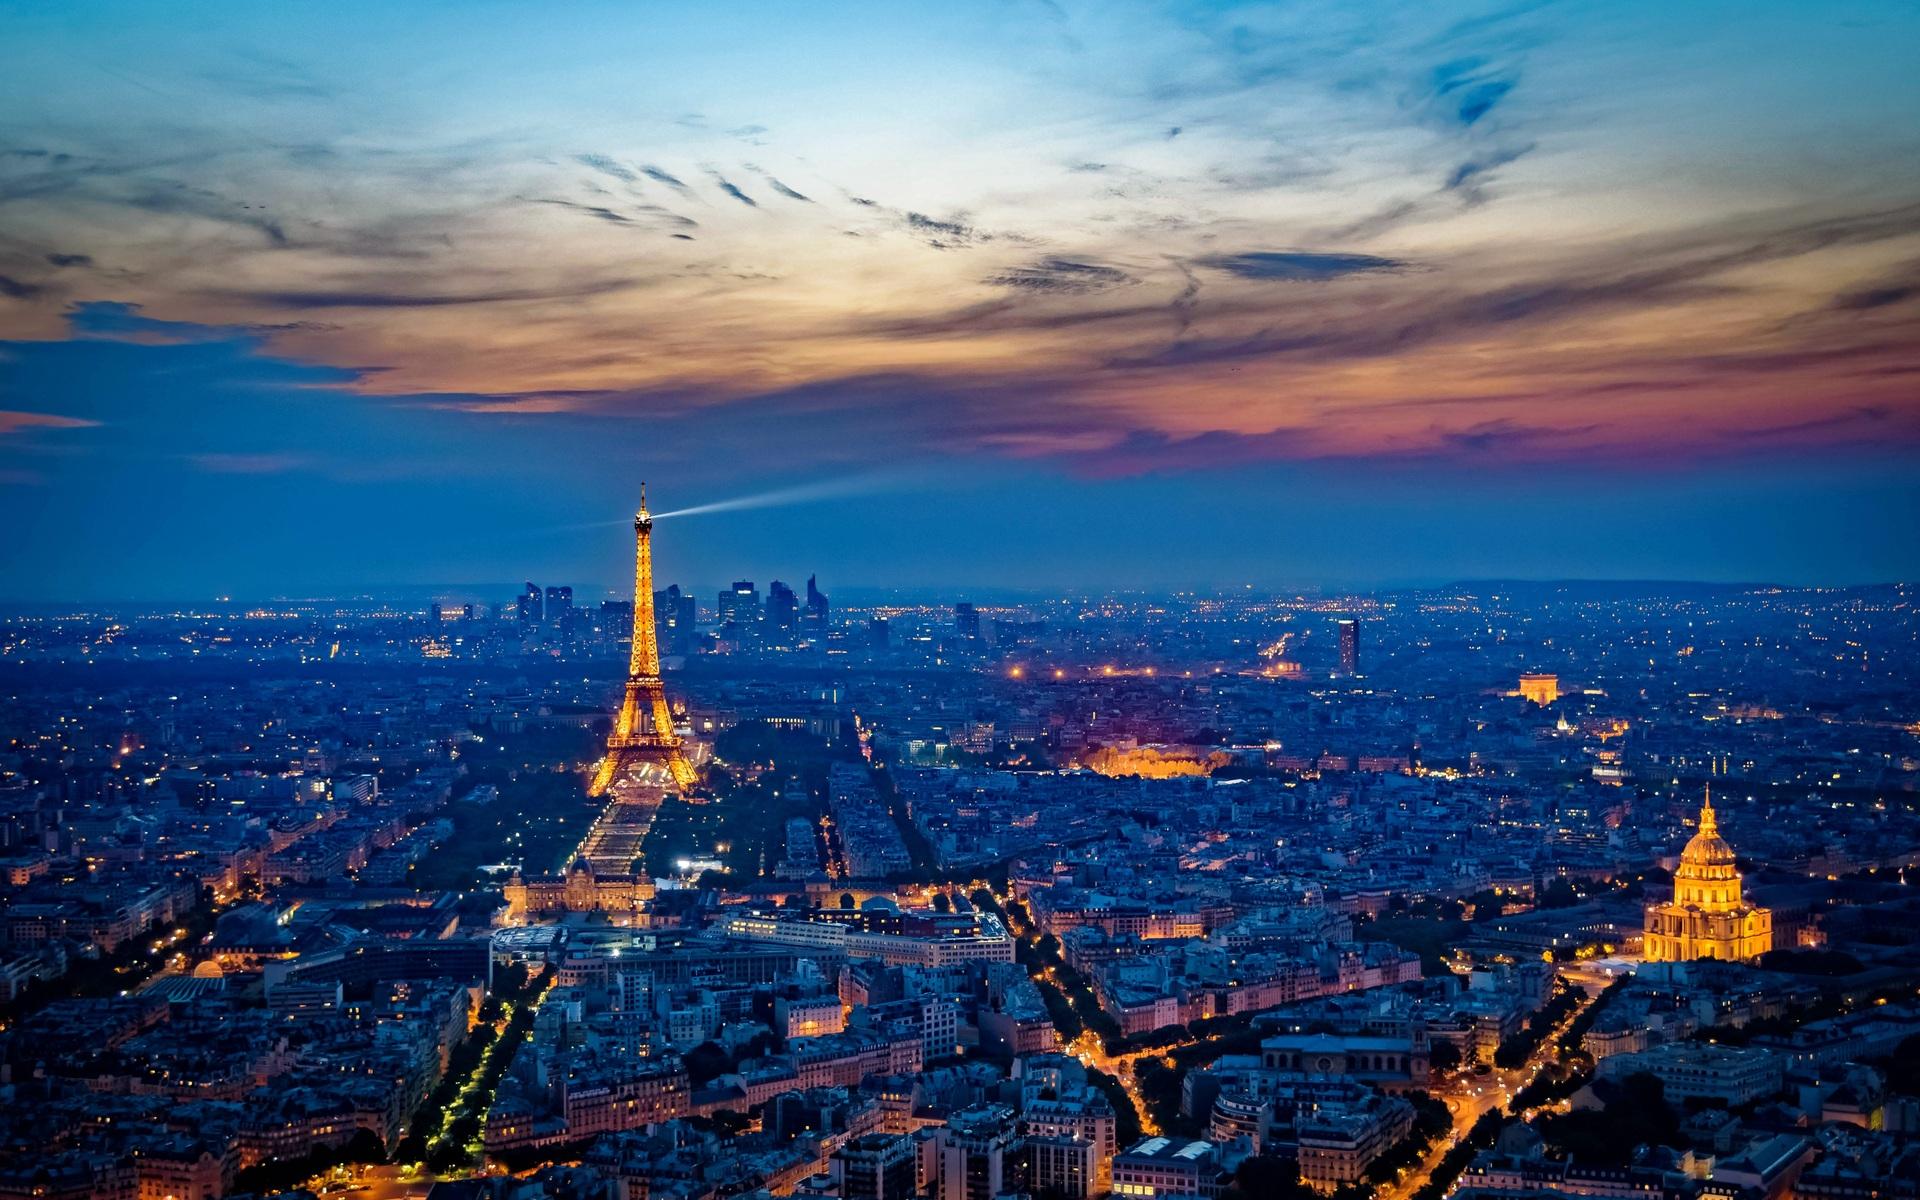 eiffel-tower-france-city-at-night-5k-yn.jpg